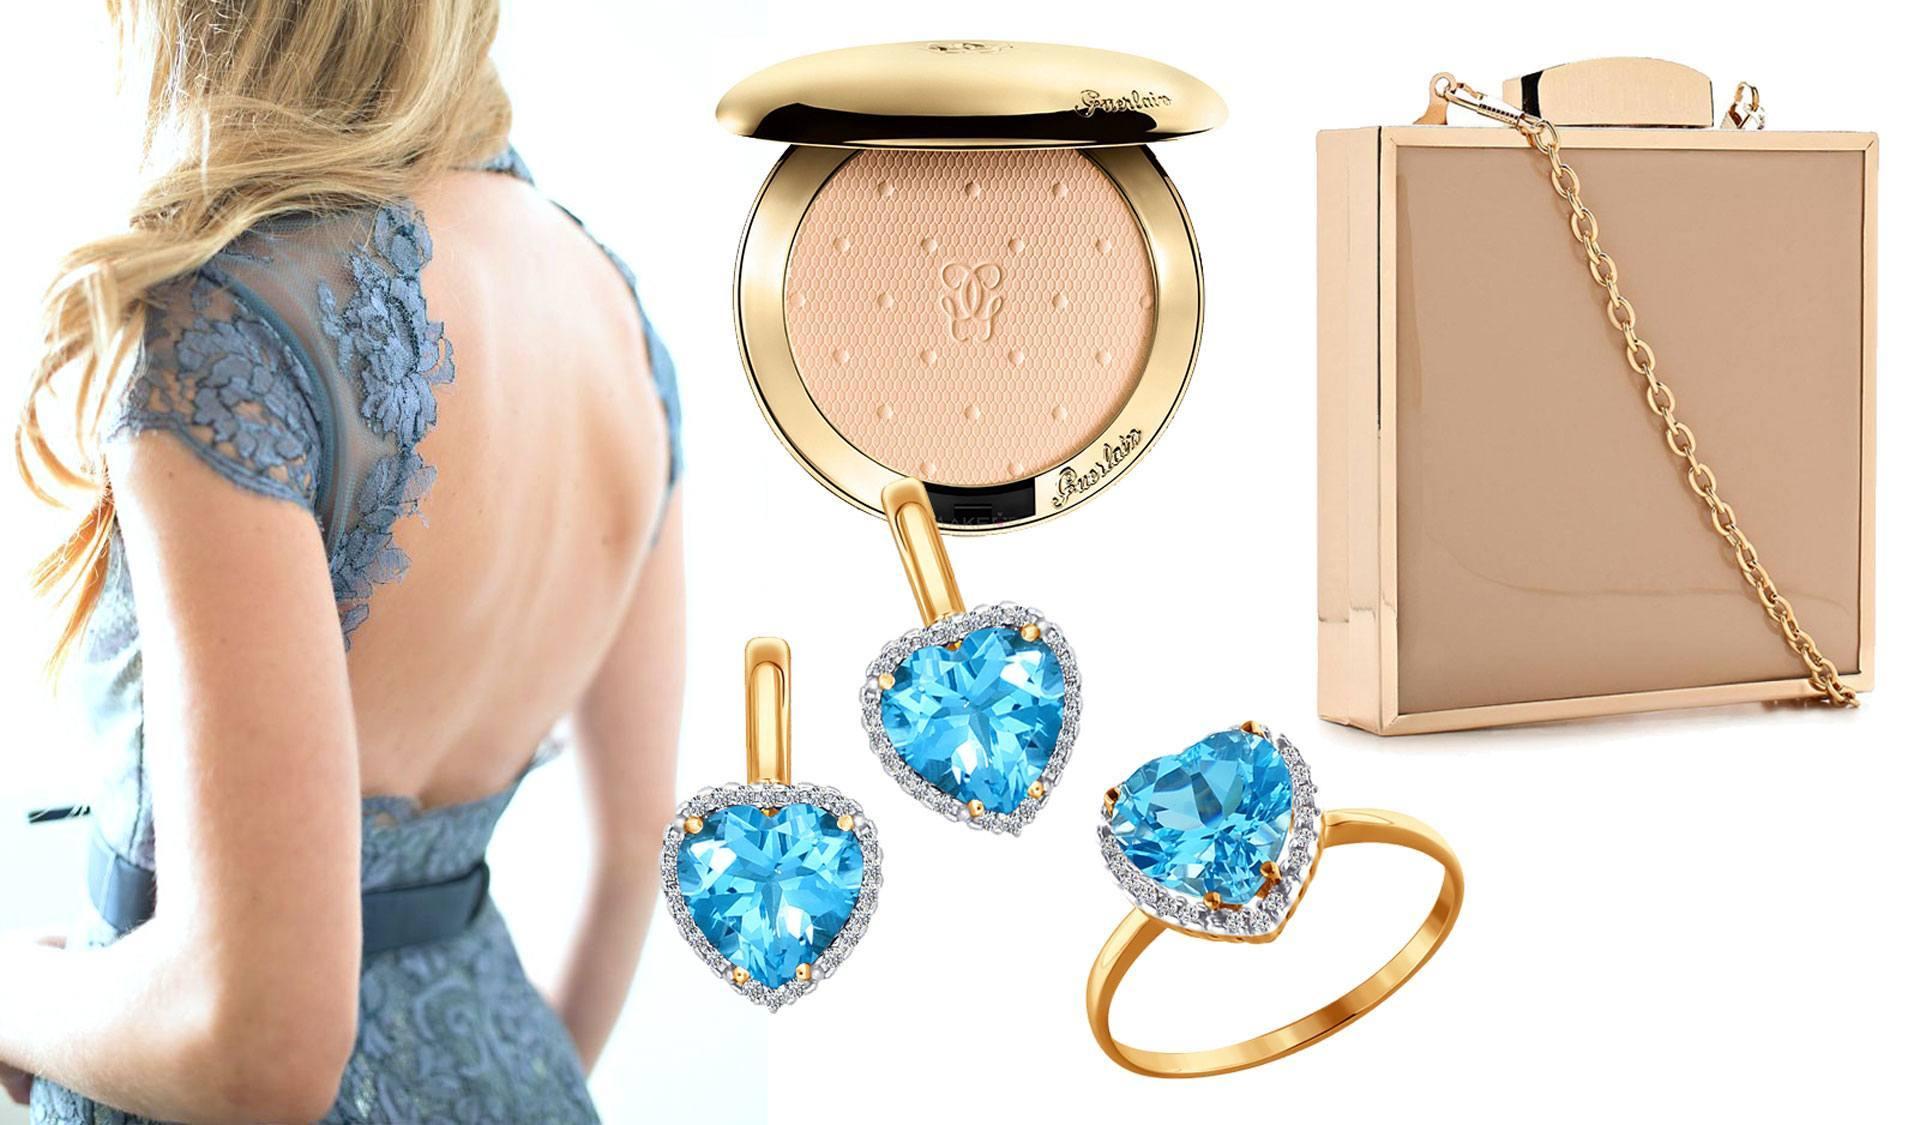 Украшения с голубым топазом – идеально сочетается с голубым кружевным платьем